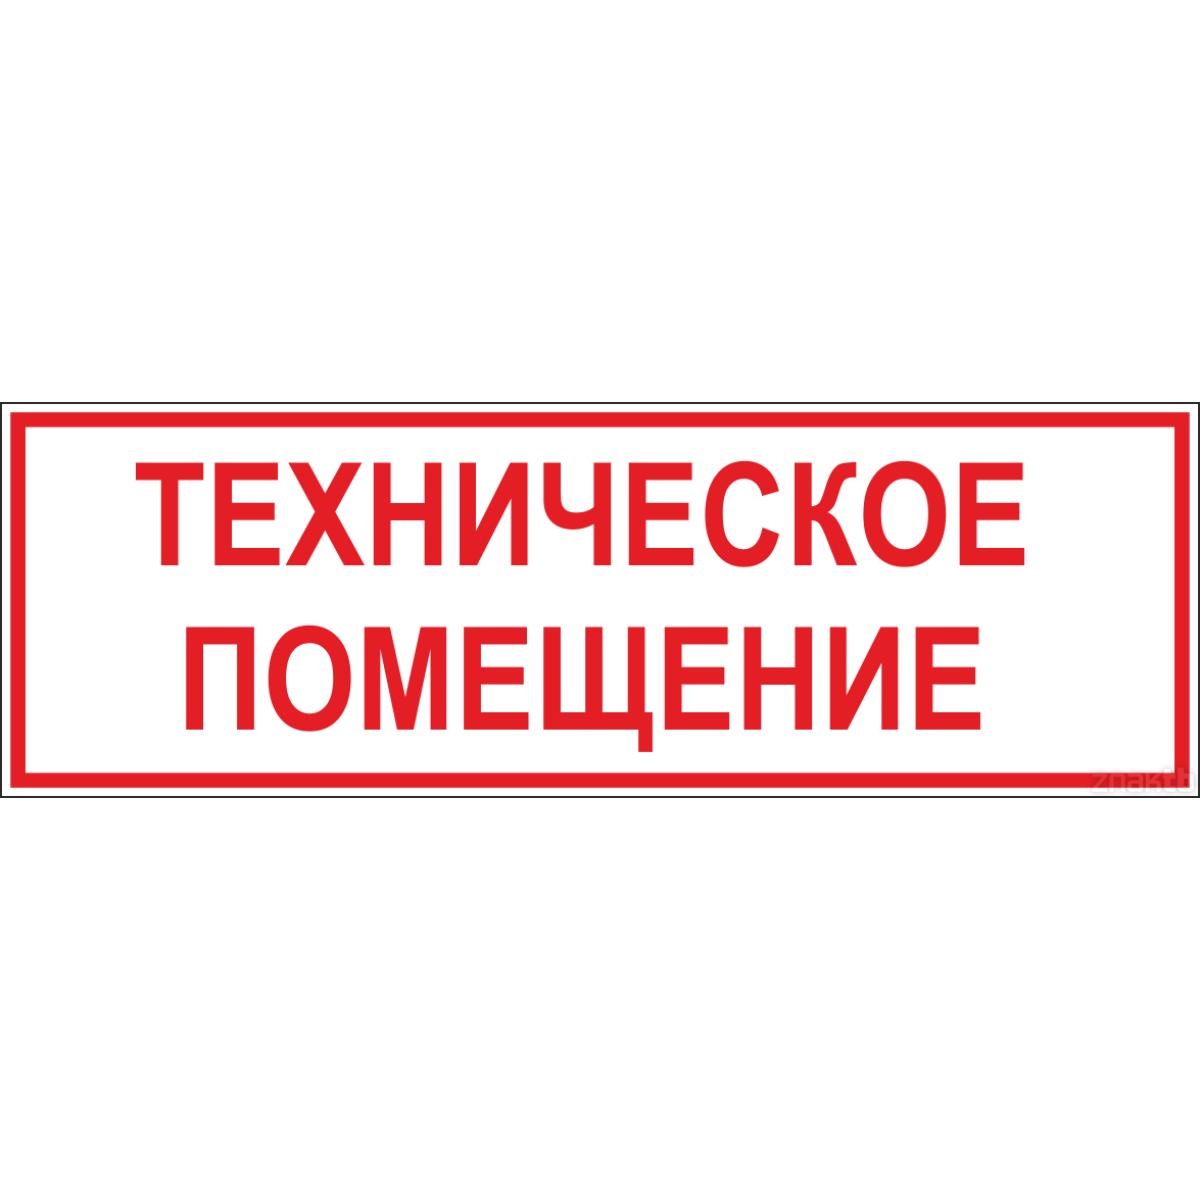 Табличка Техническое помещение